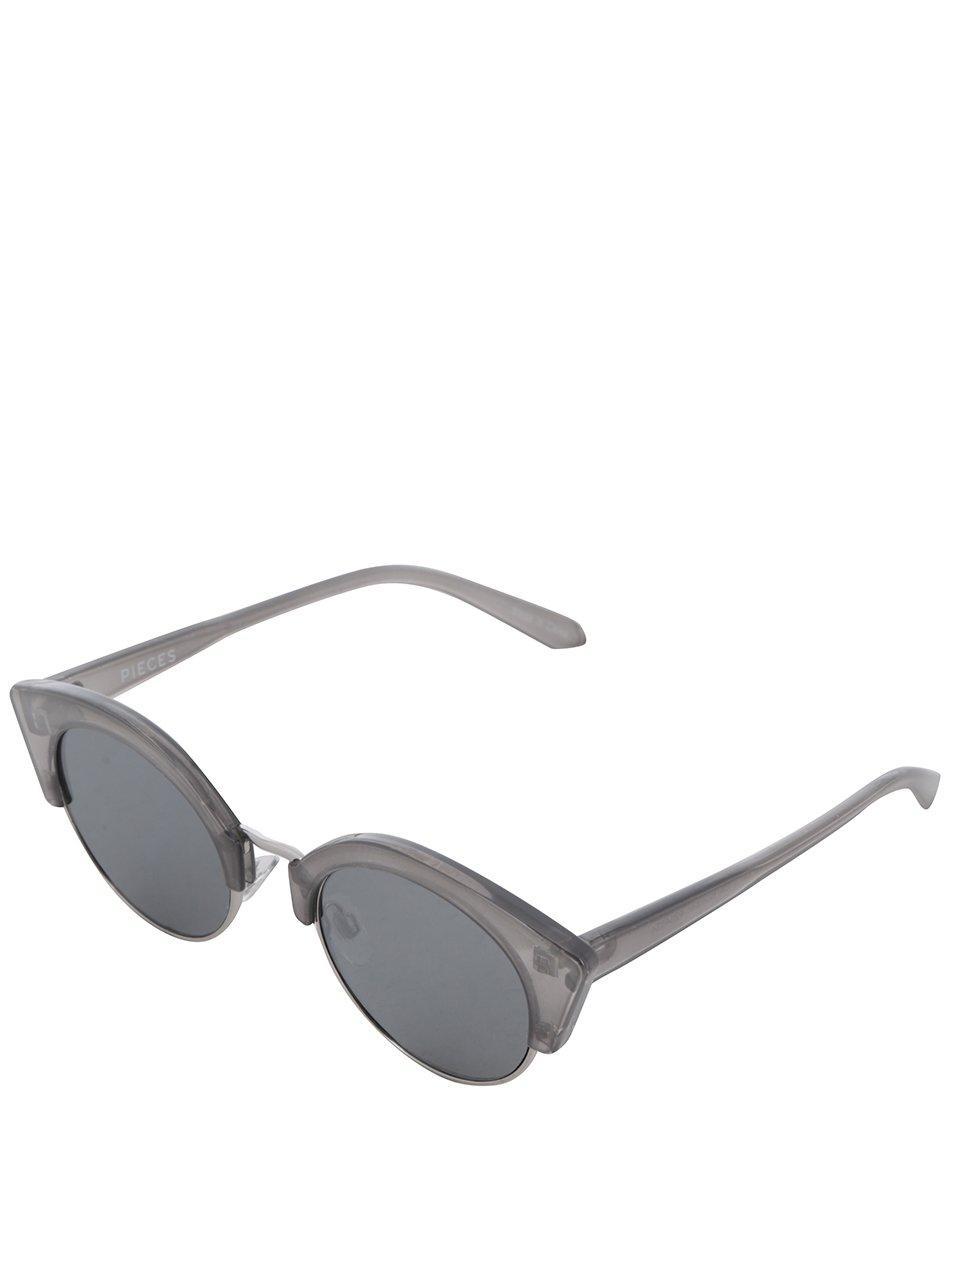 Šedé sluneční brýle Pieces Kate